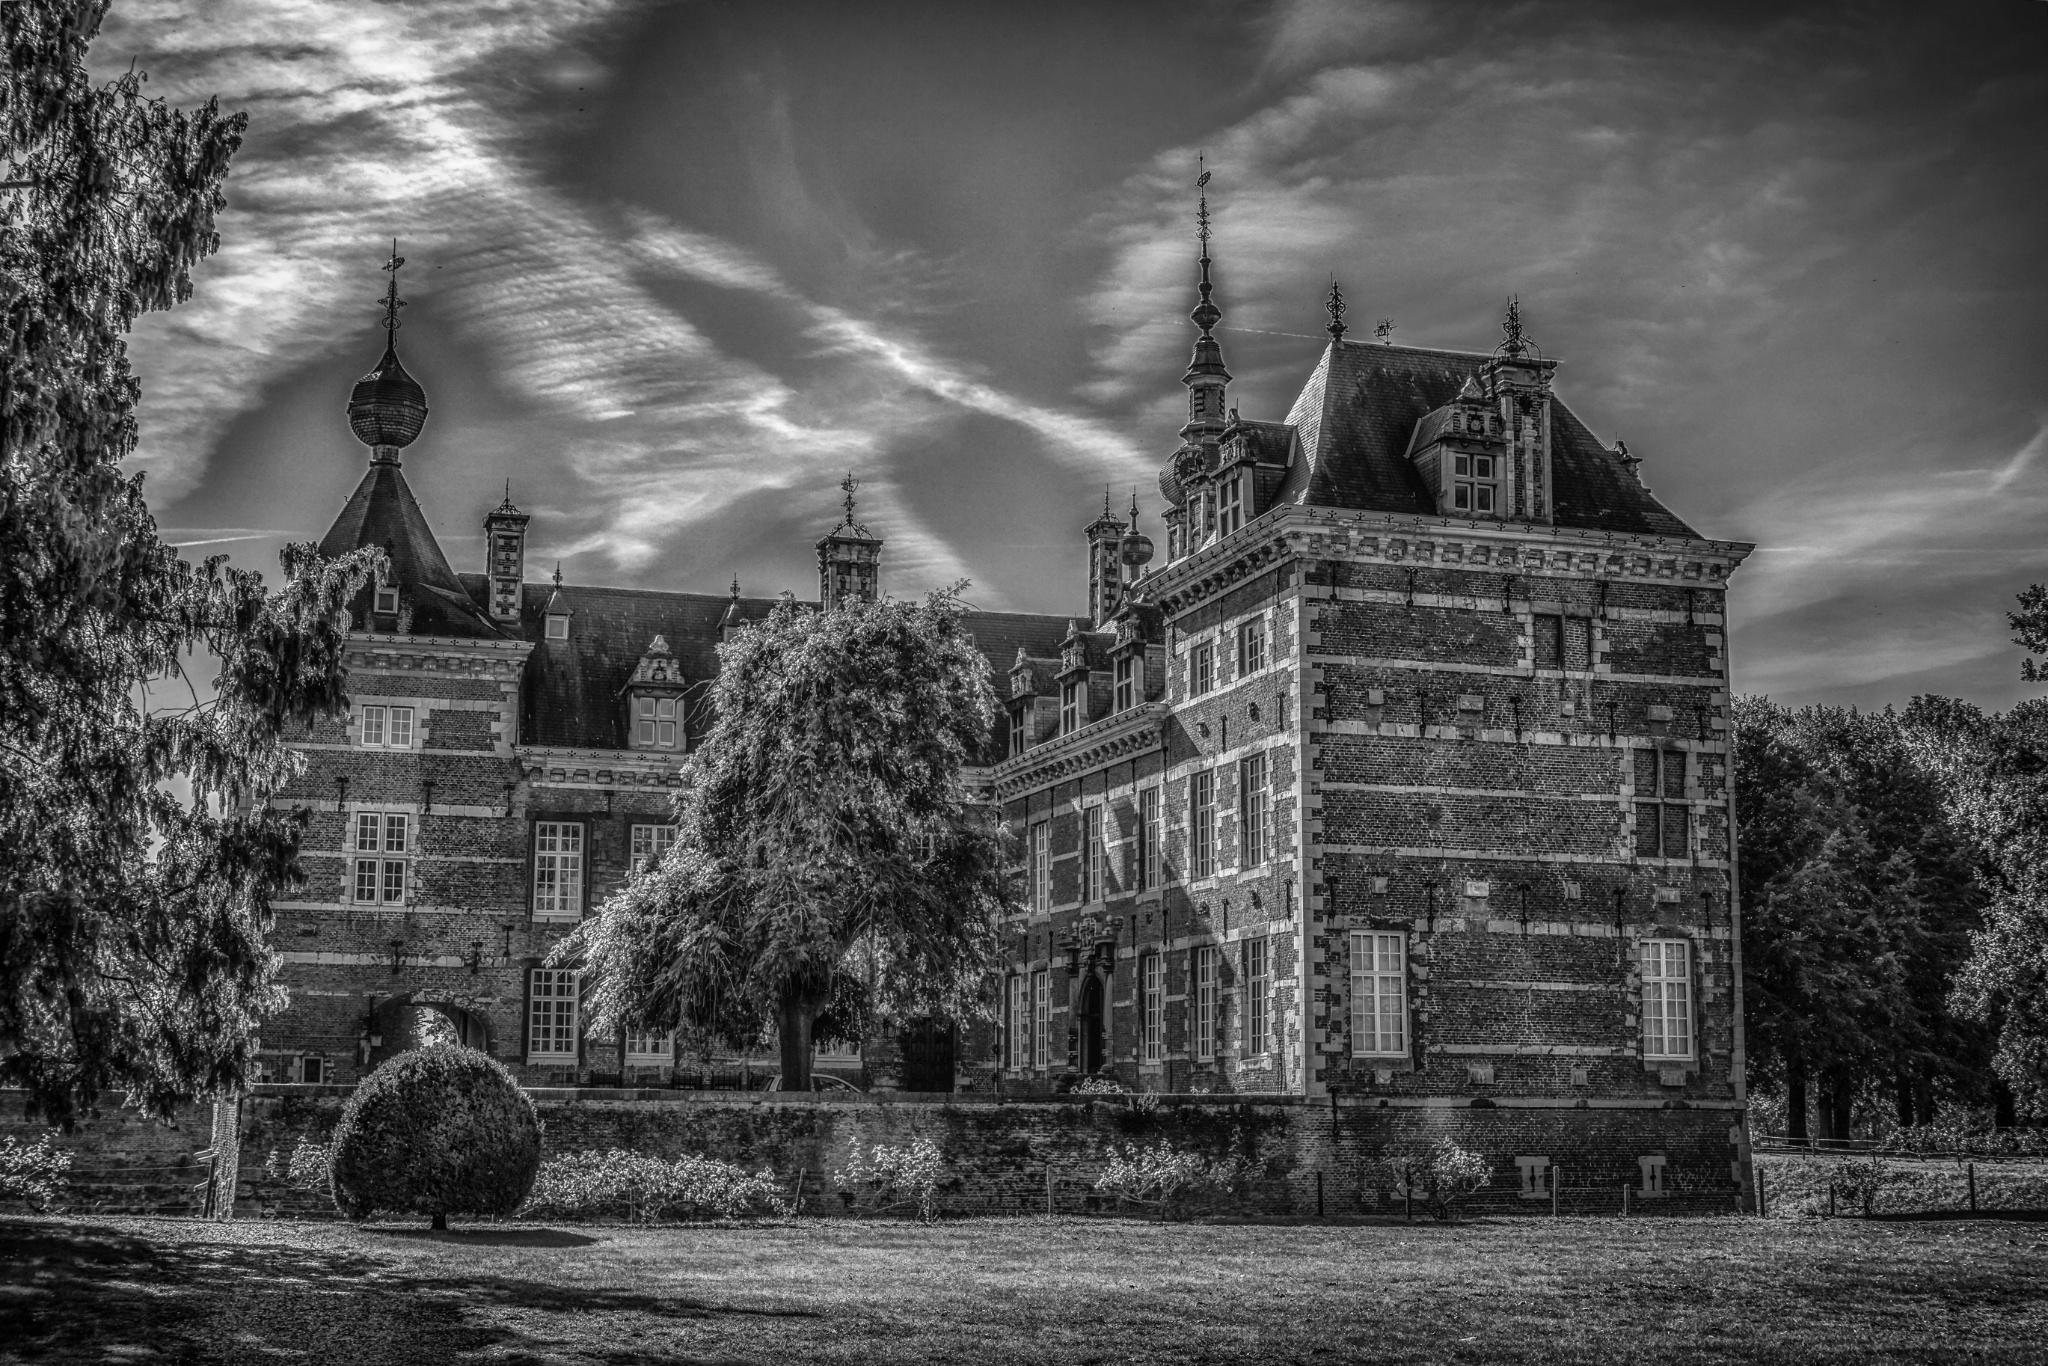 Eijsden Castle, Netherlands